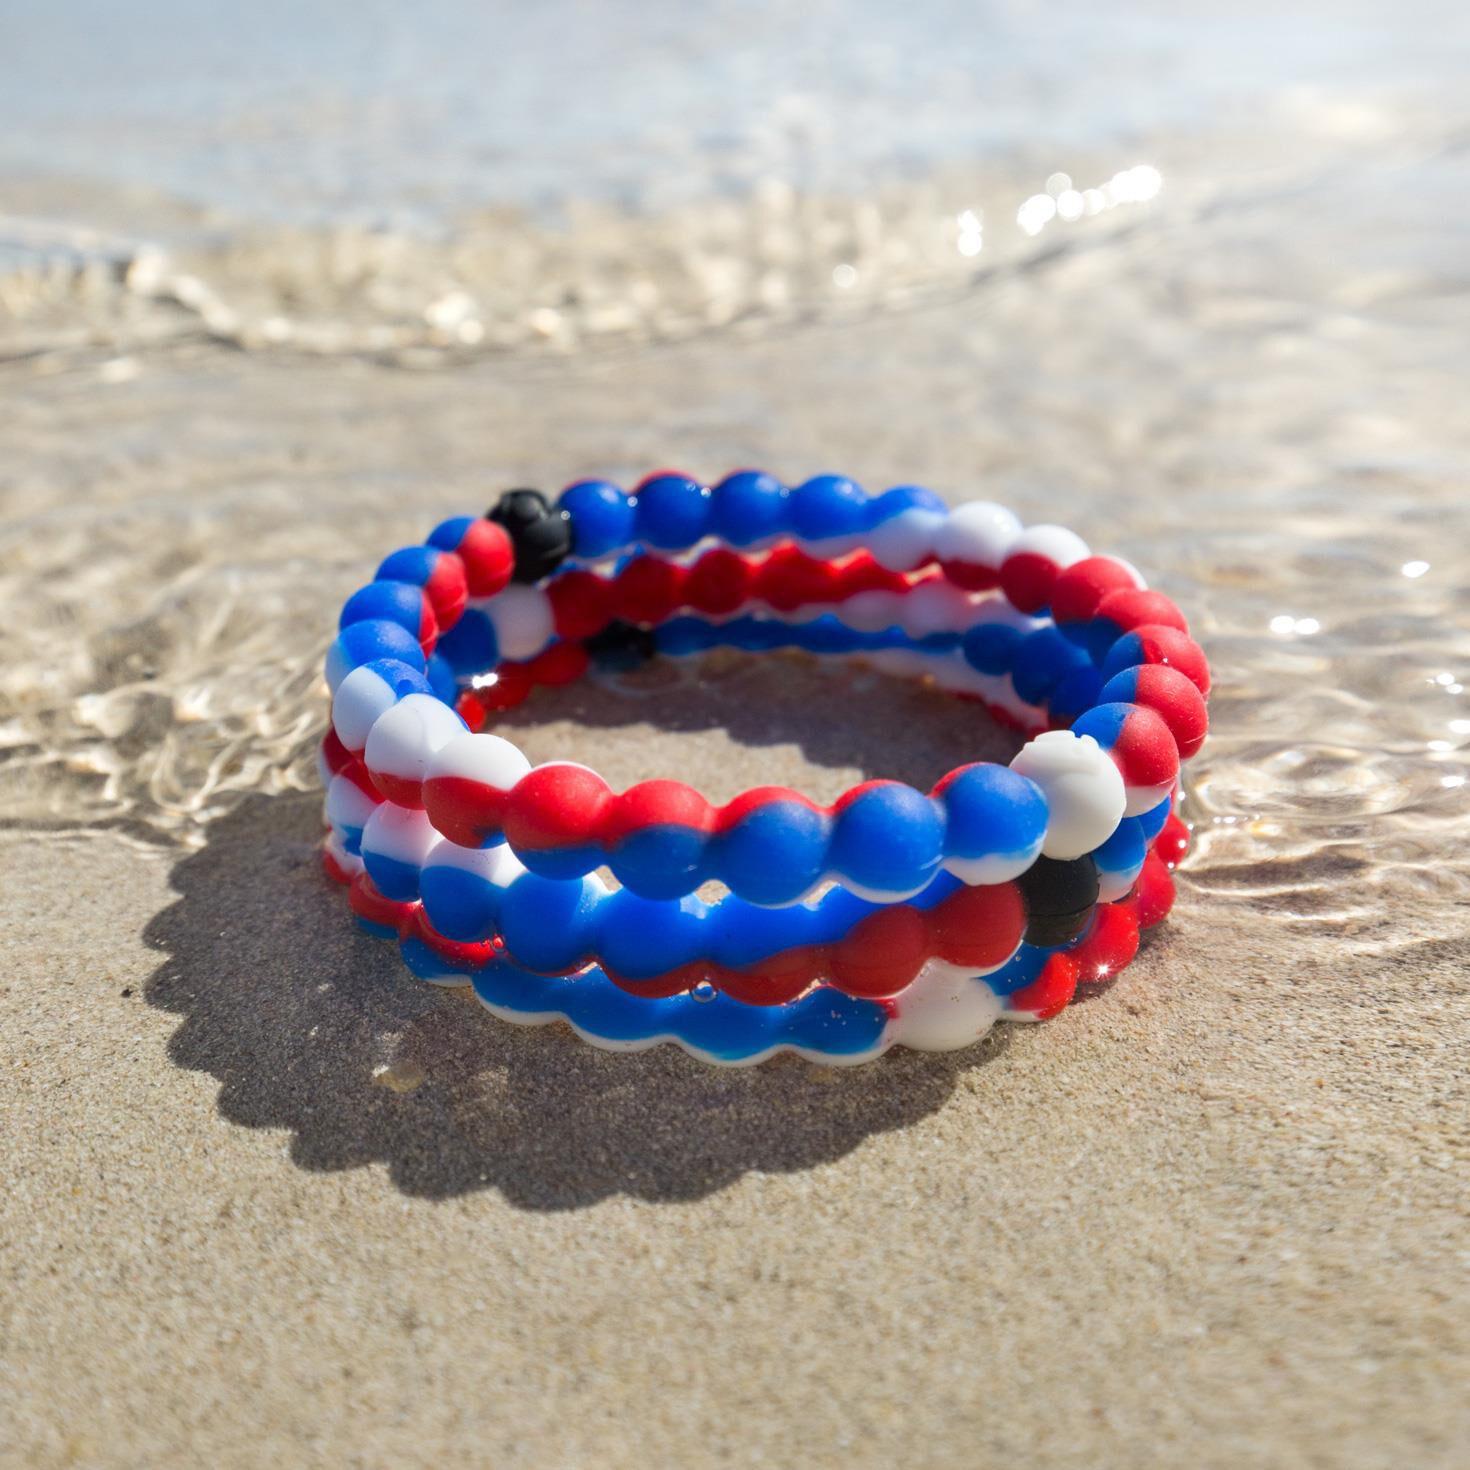 photo relating to Lokai Bracelet Meaning Printable known as Use Your Planet (Crimson, White, Blue) Lokai Bracelet, Medium